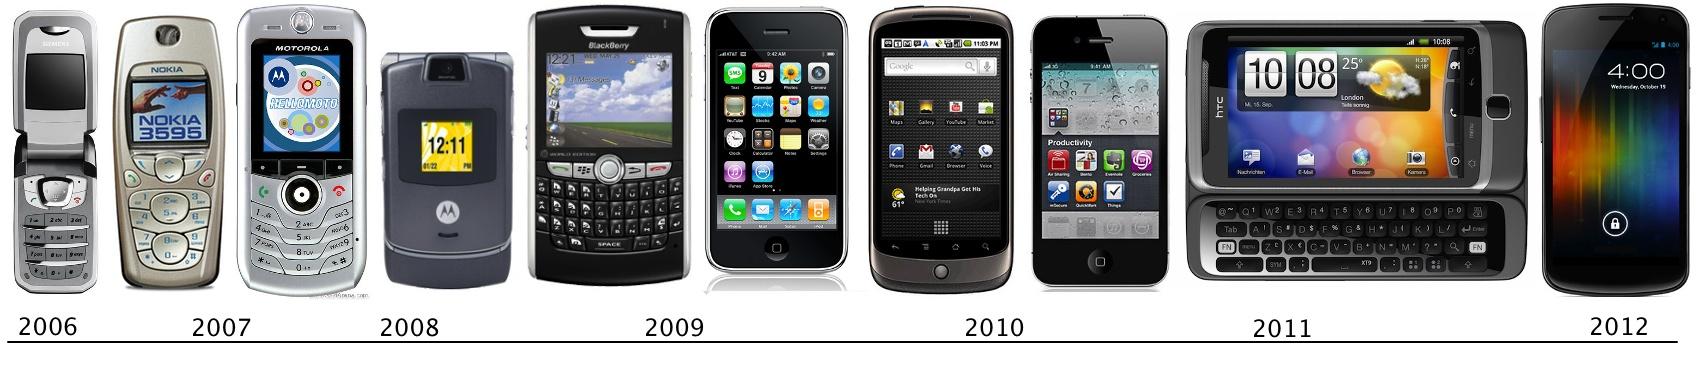 Evolution of the internet timeline